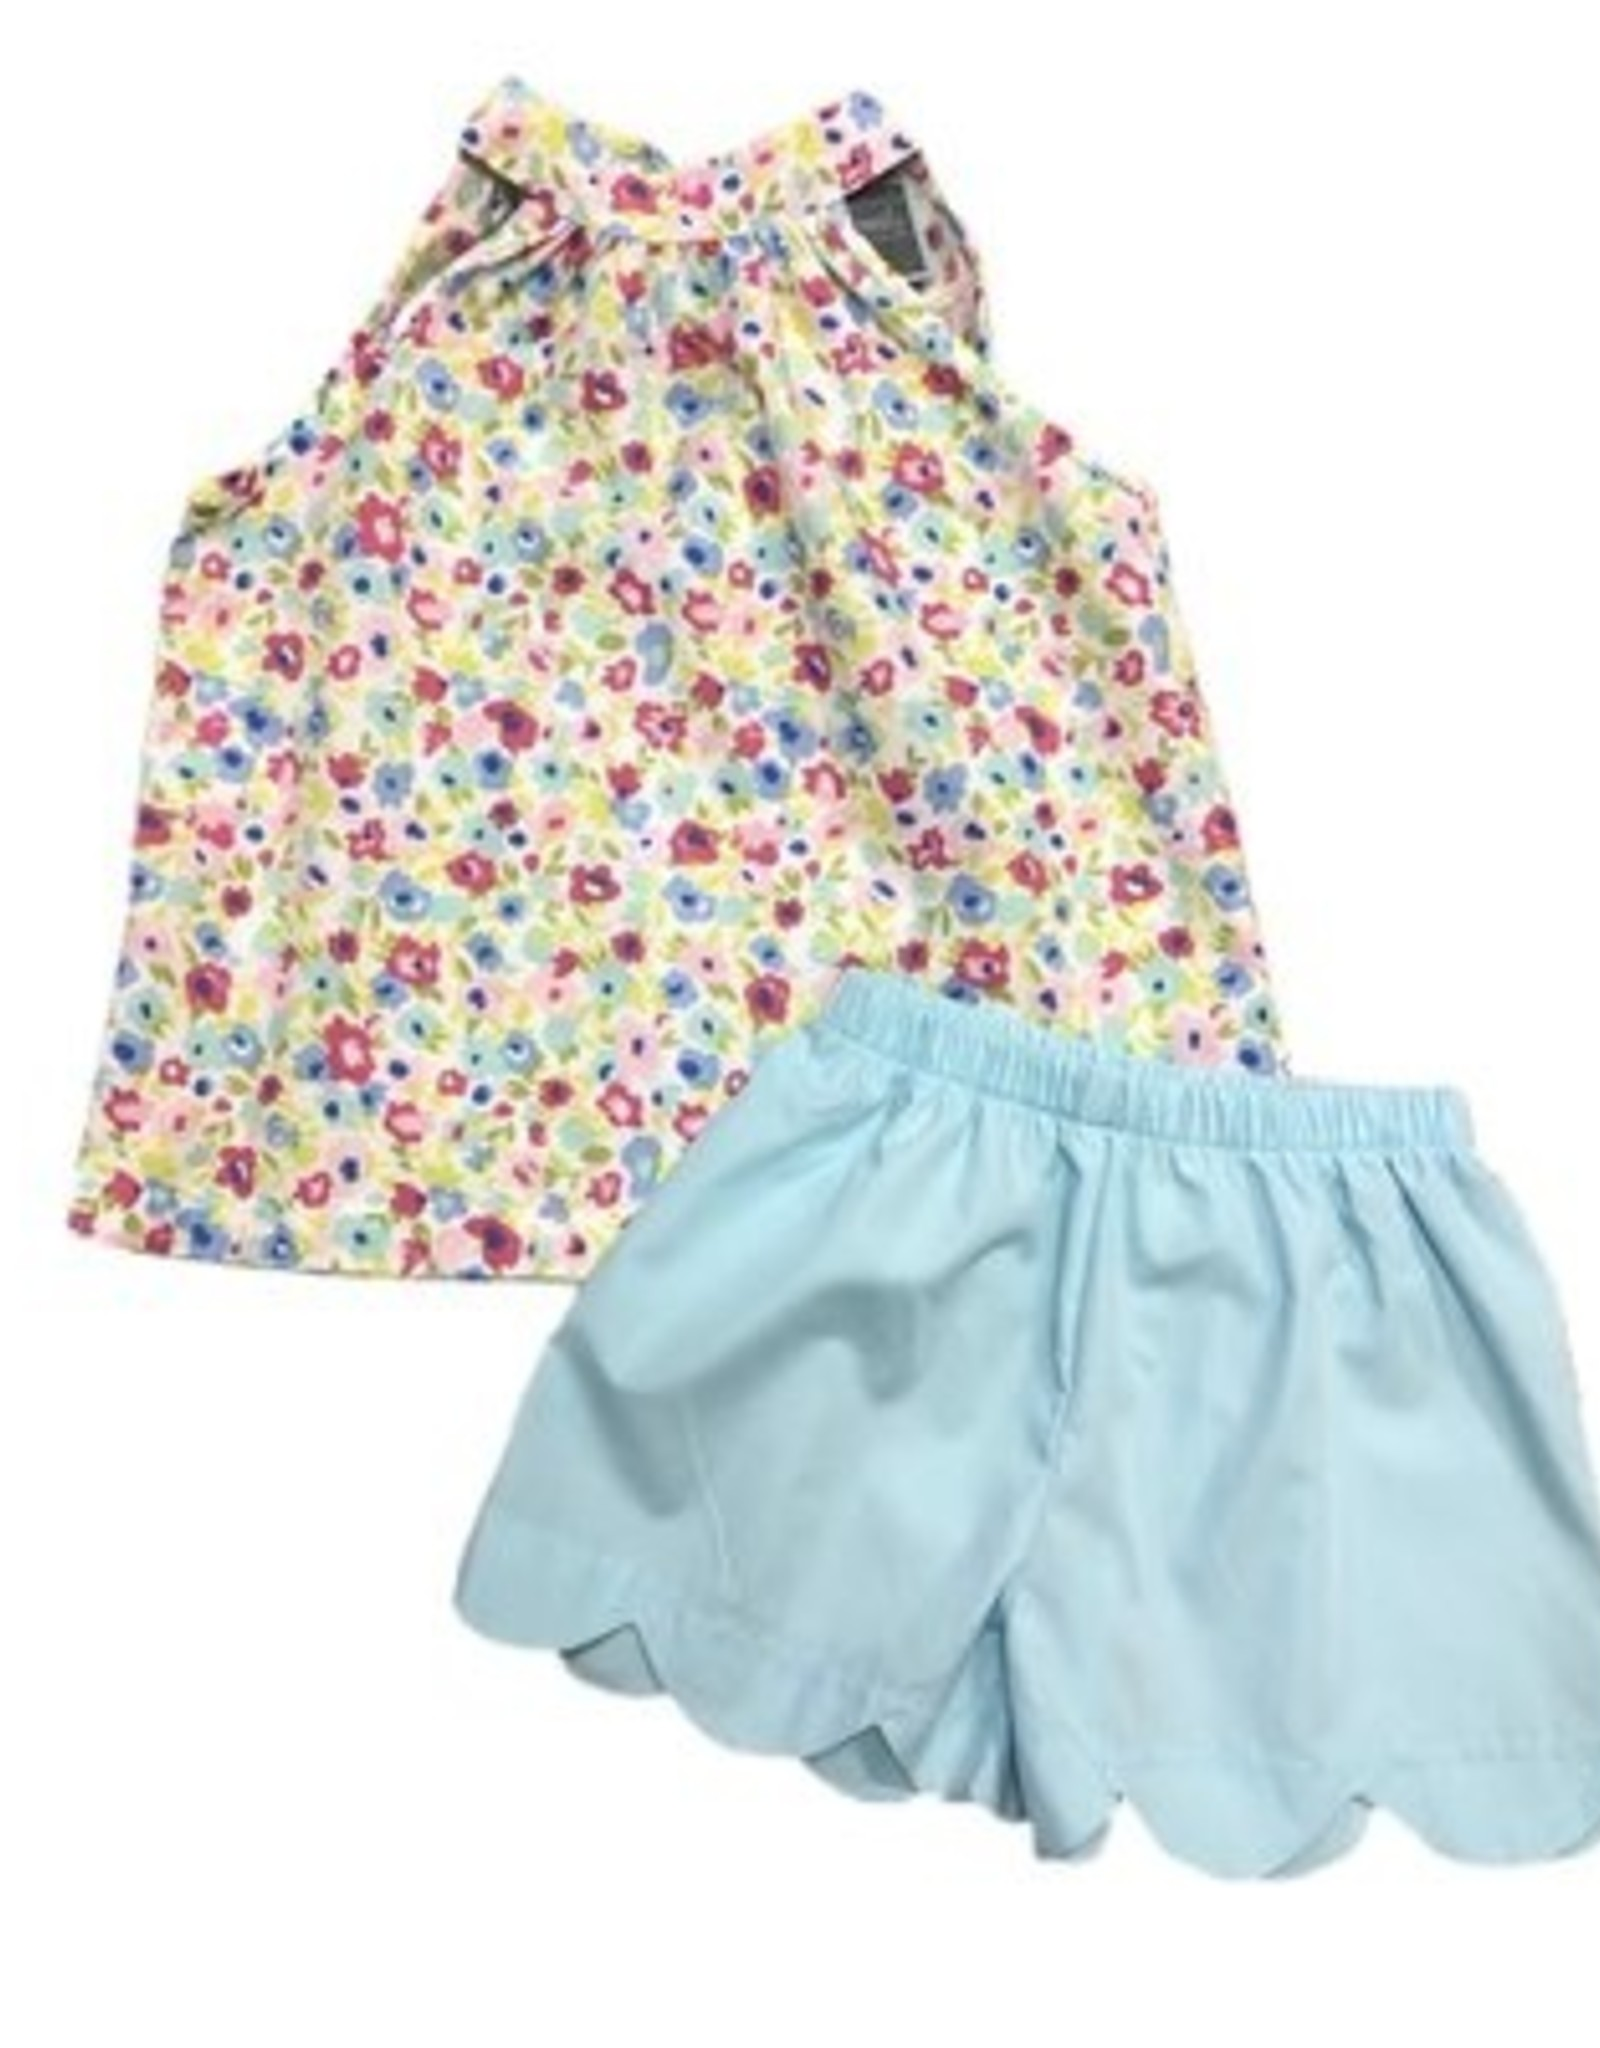 Honesty Aqua Floral Tie Neck Short Set